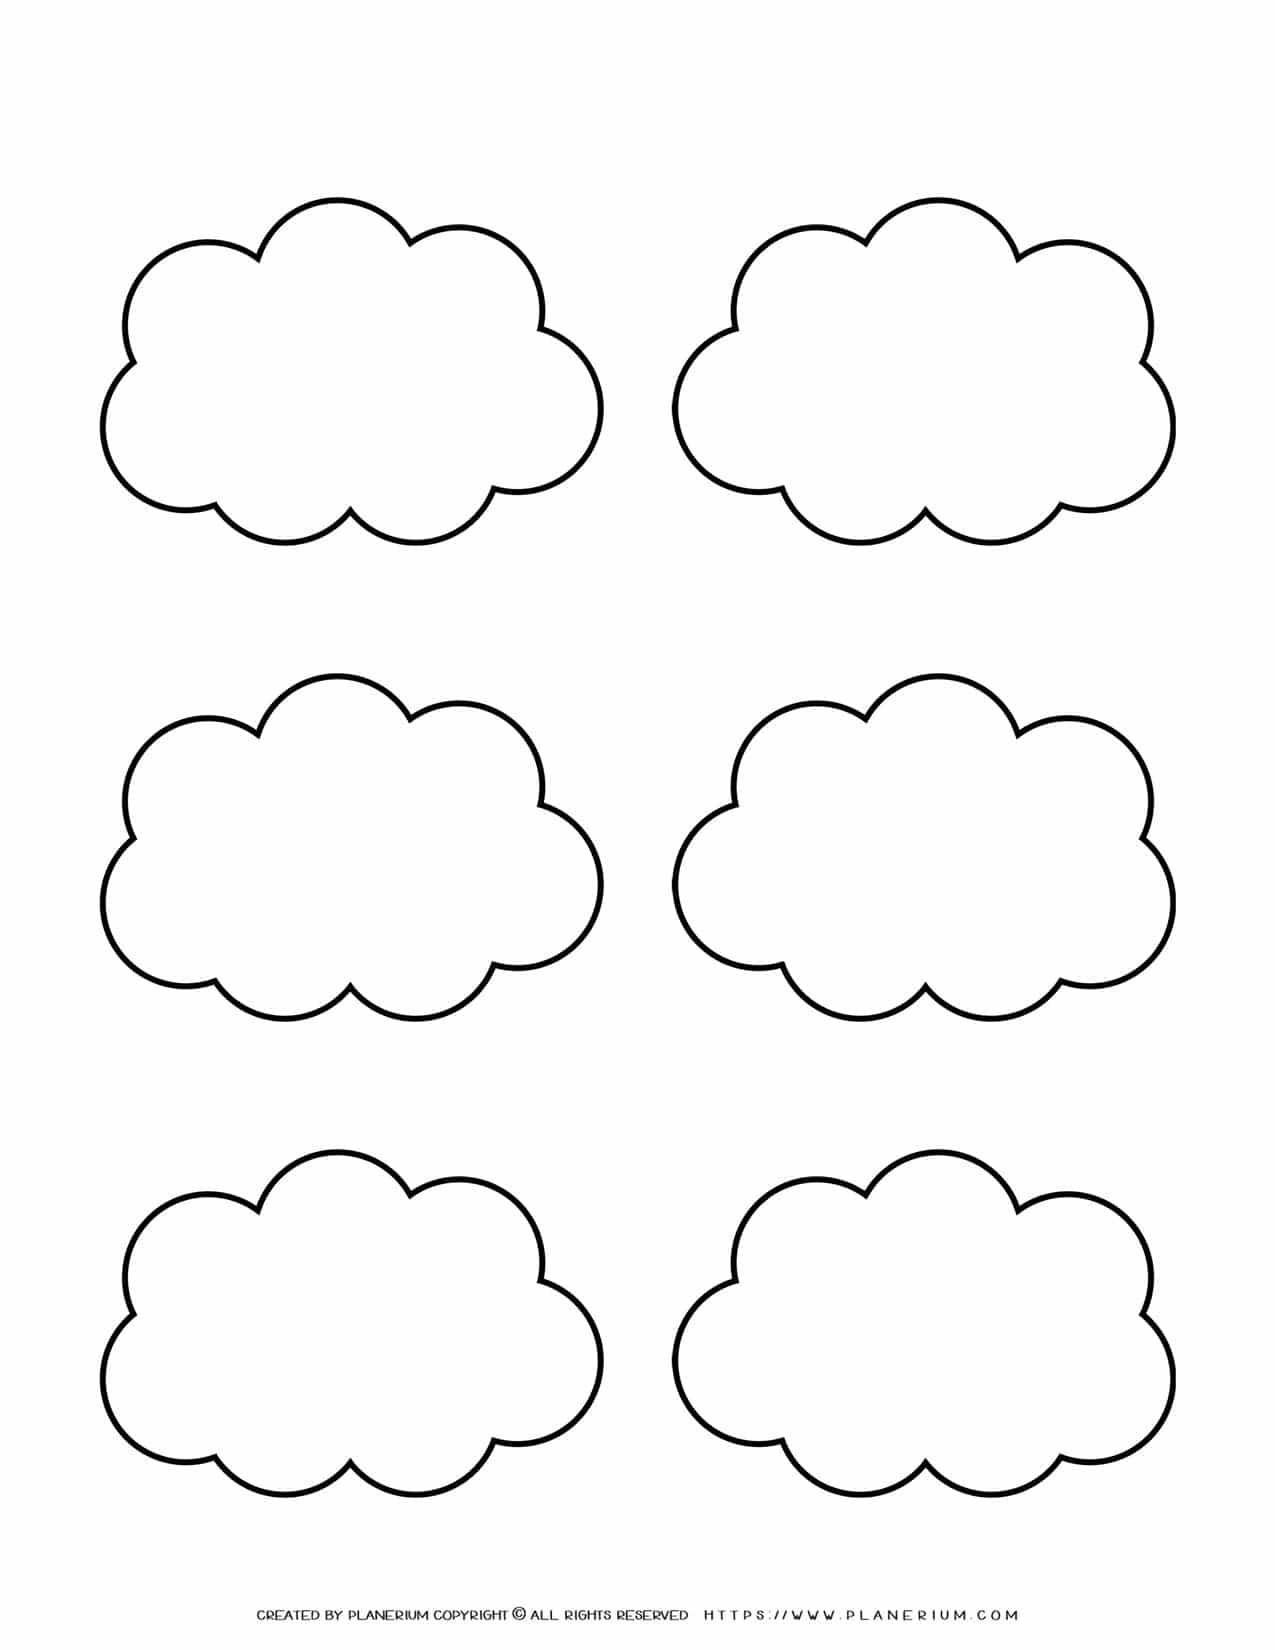 Templates - Six Clouds Outline   Planerium